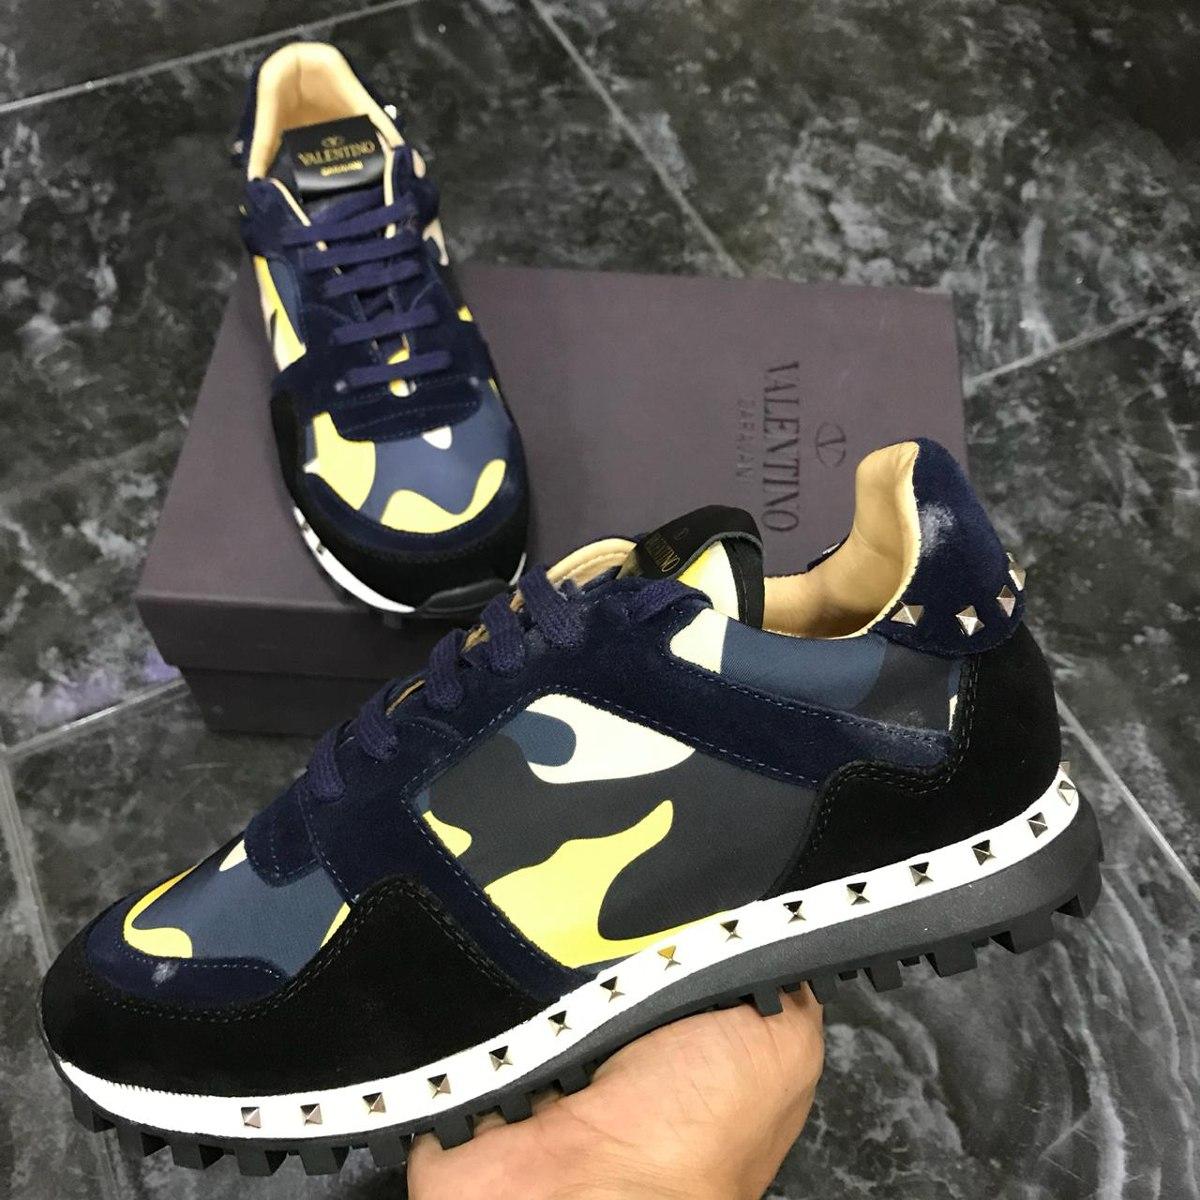 Mercado Libre Valentino Para En Zapatos Hombre380 000 eEH9D2IYbW